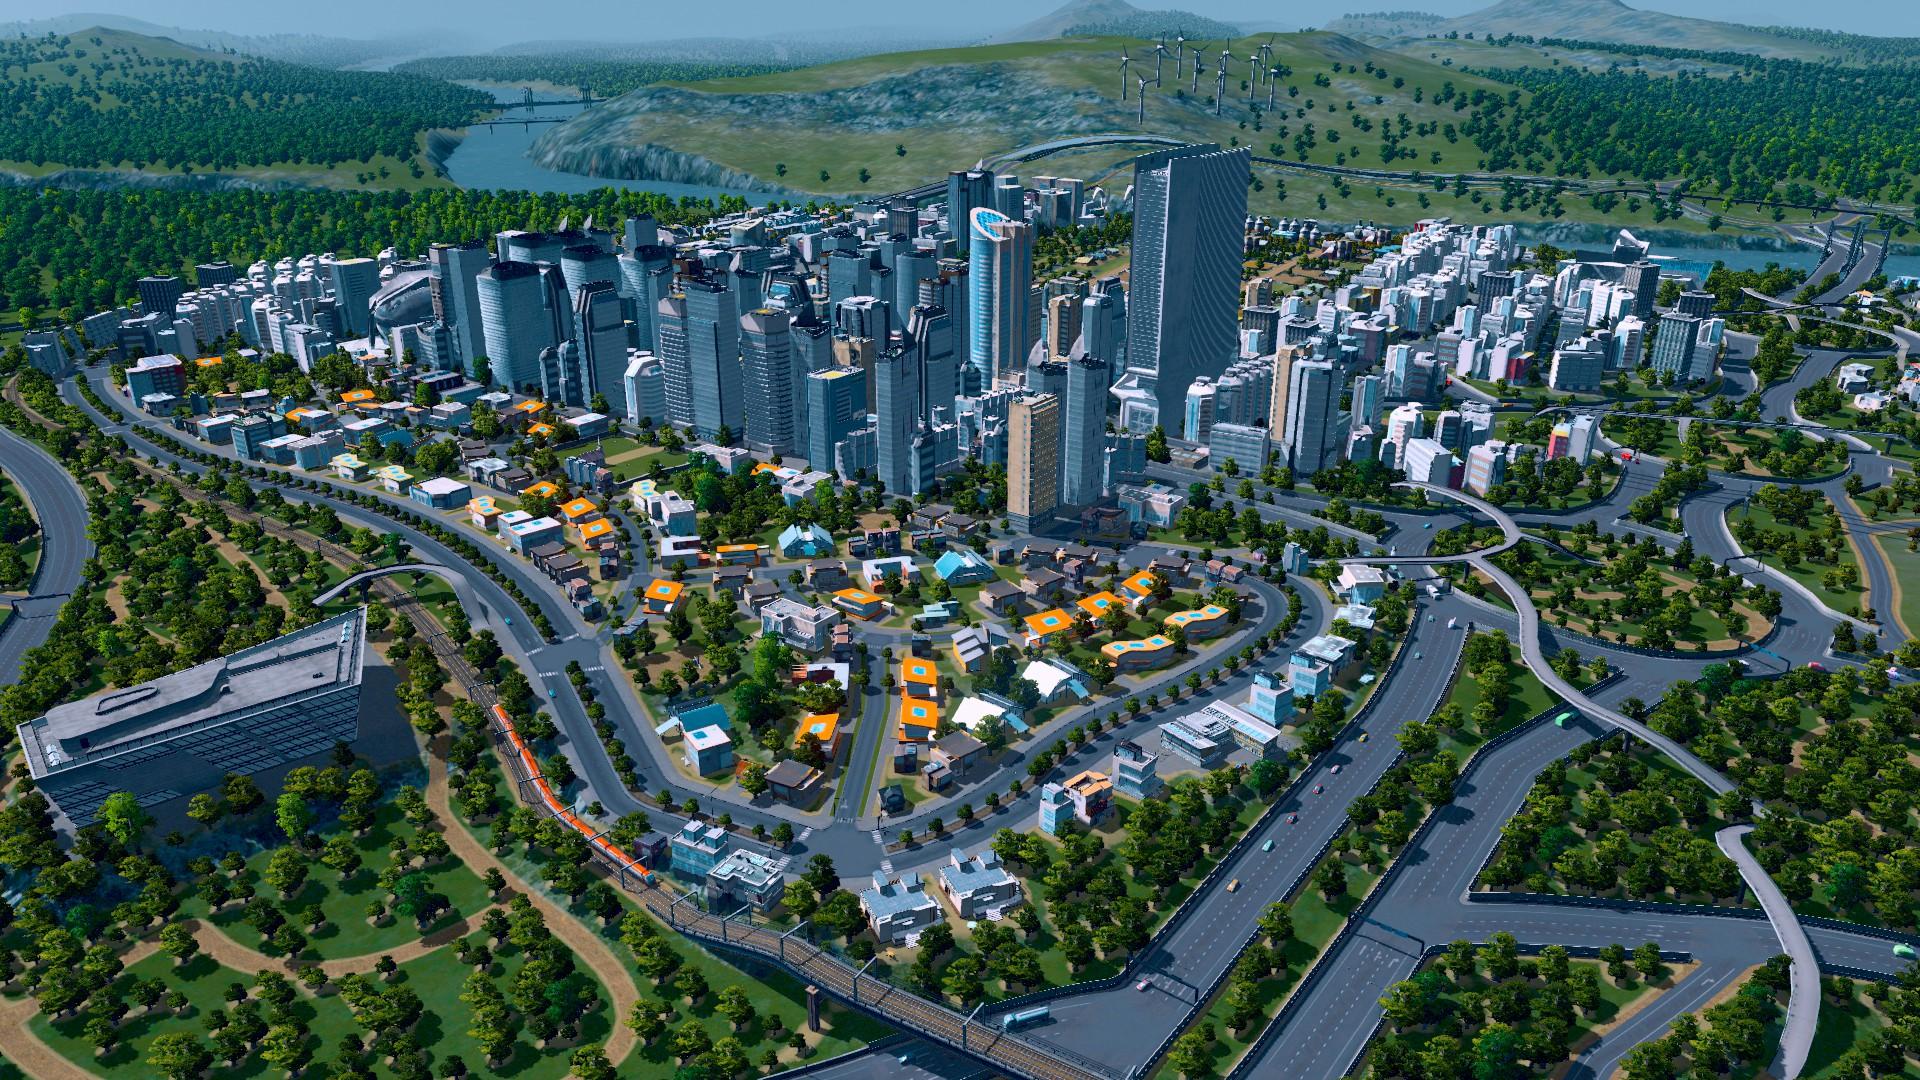 Città in espansione, come vedete le strade sono sinuose e permettono ugualmente lo sviluppo di agglomerati urbani di un certo rilievo